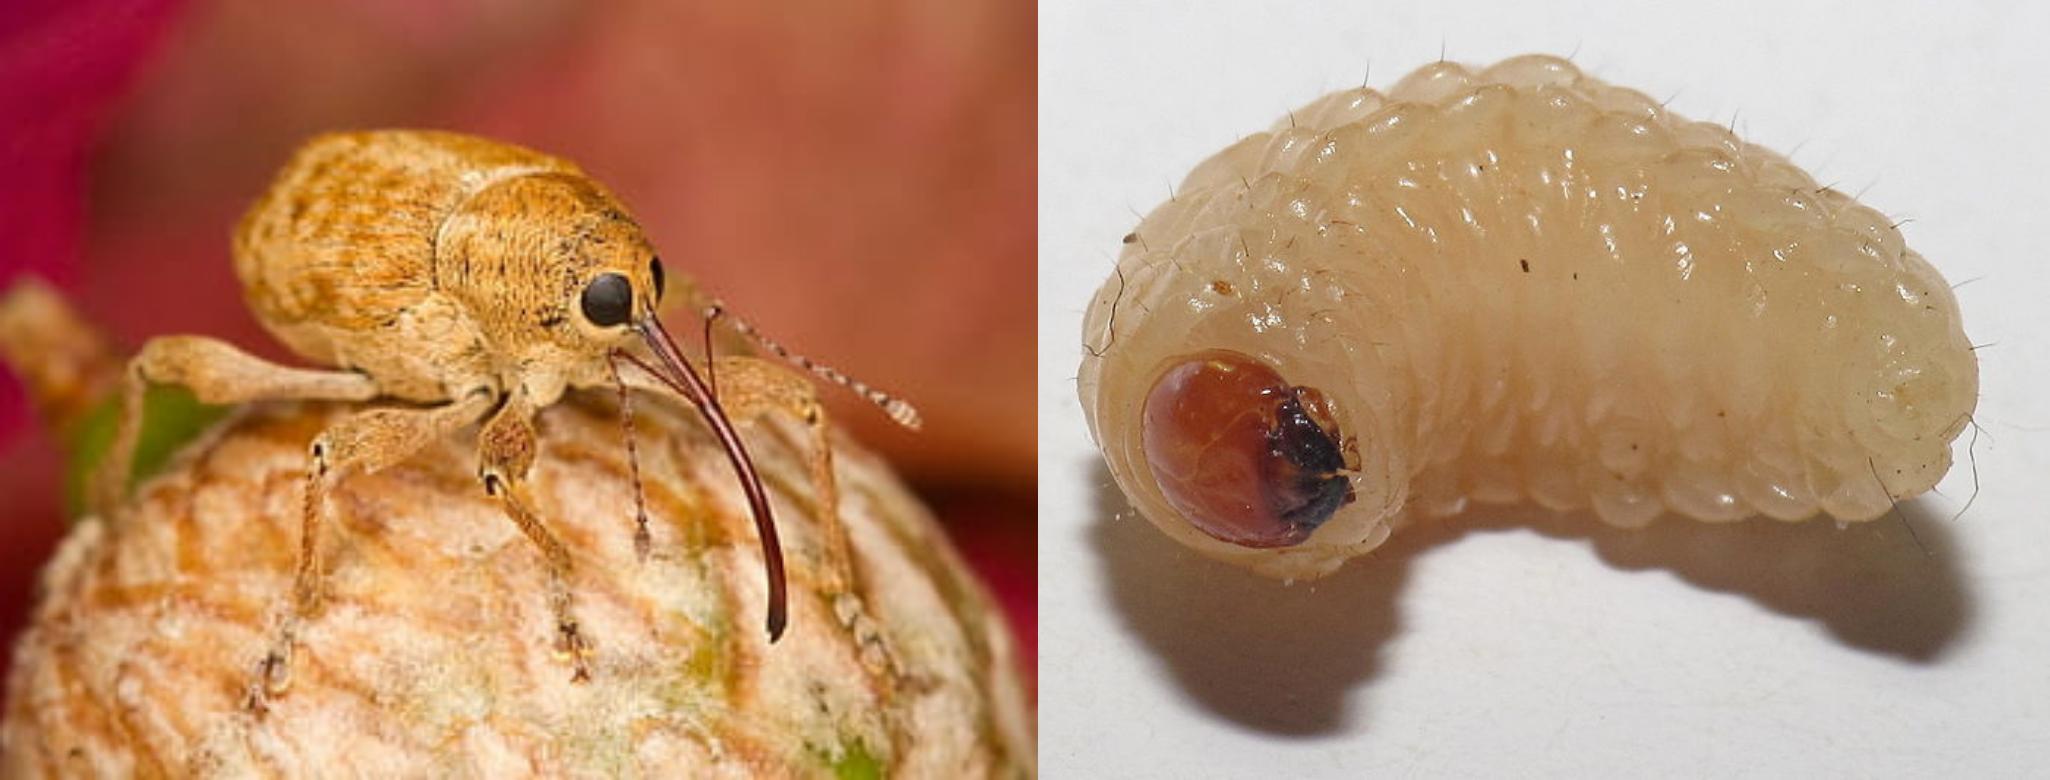 Adulto y larva de Curculio elephas